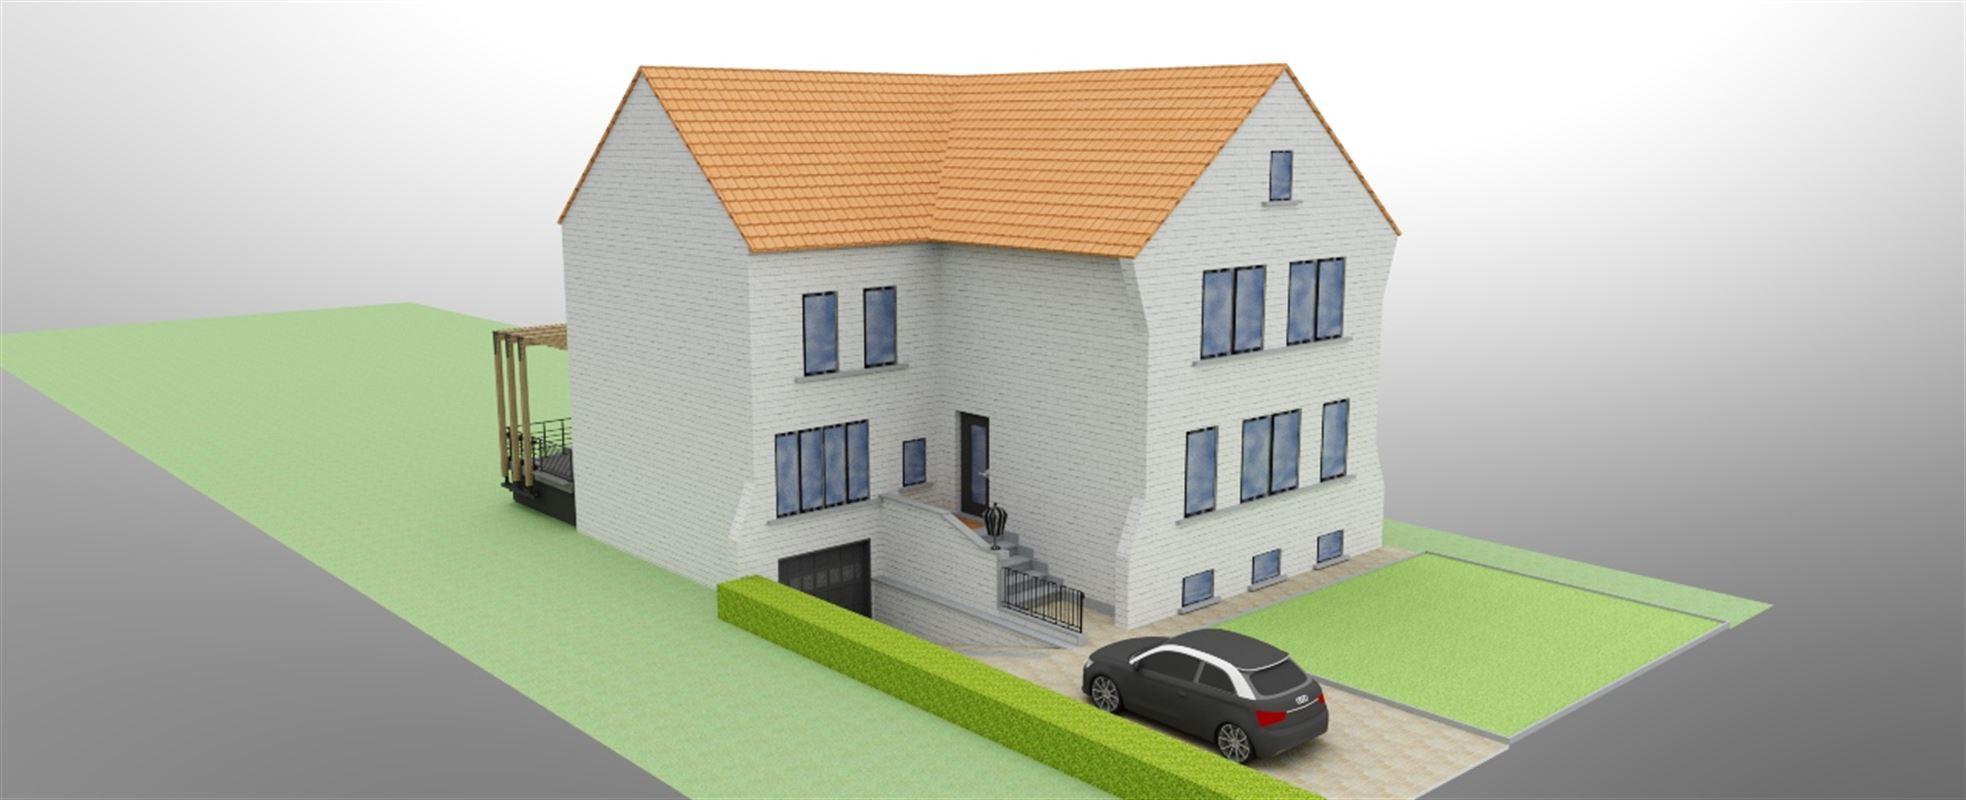 Foto 32 : Huis te 3800 SINT-TRUIDEN (België) - Prijs € 349.000